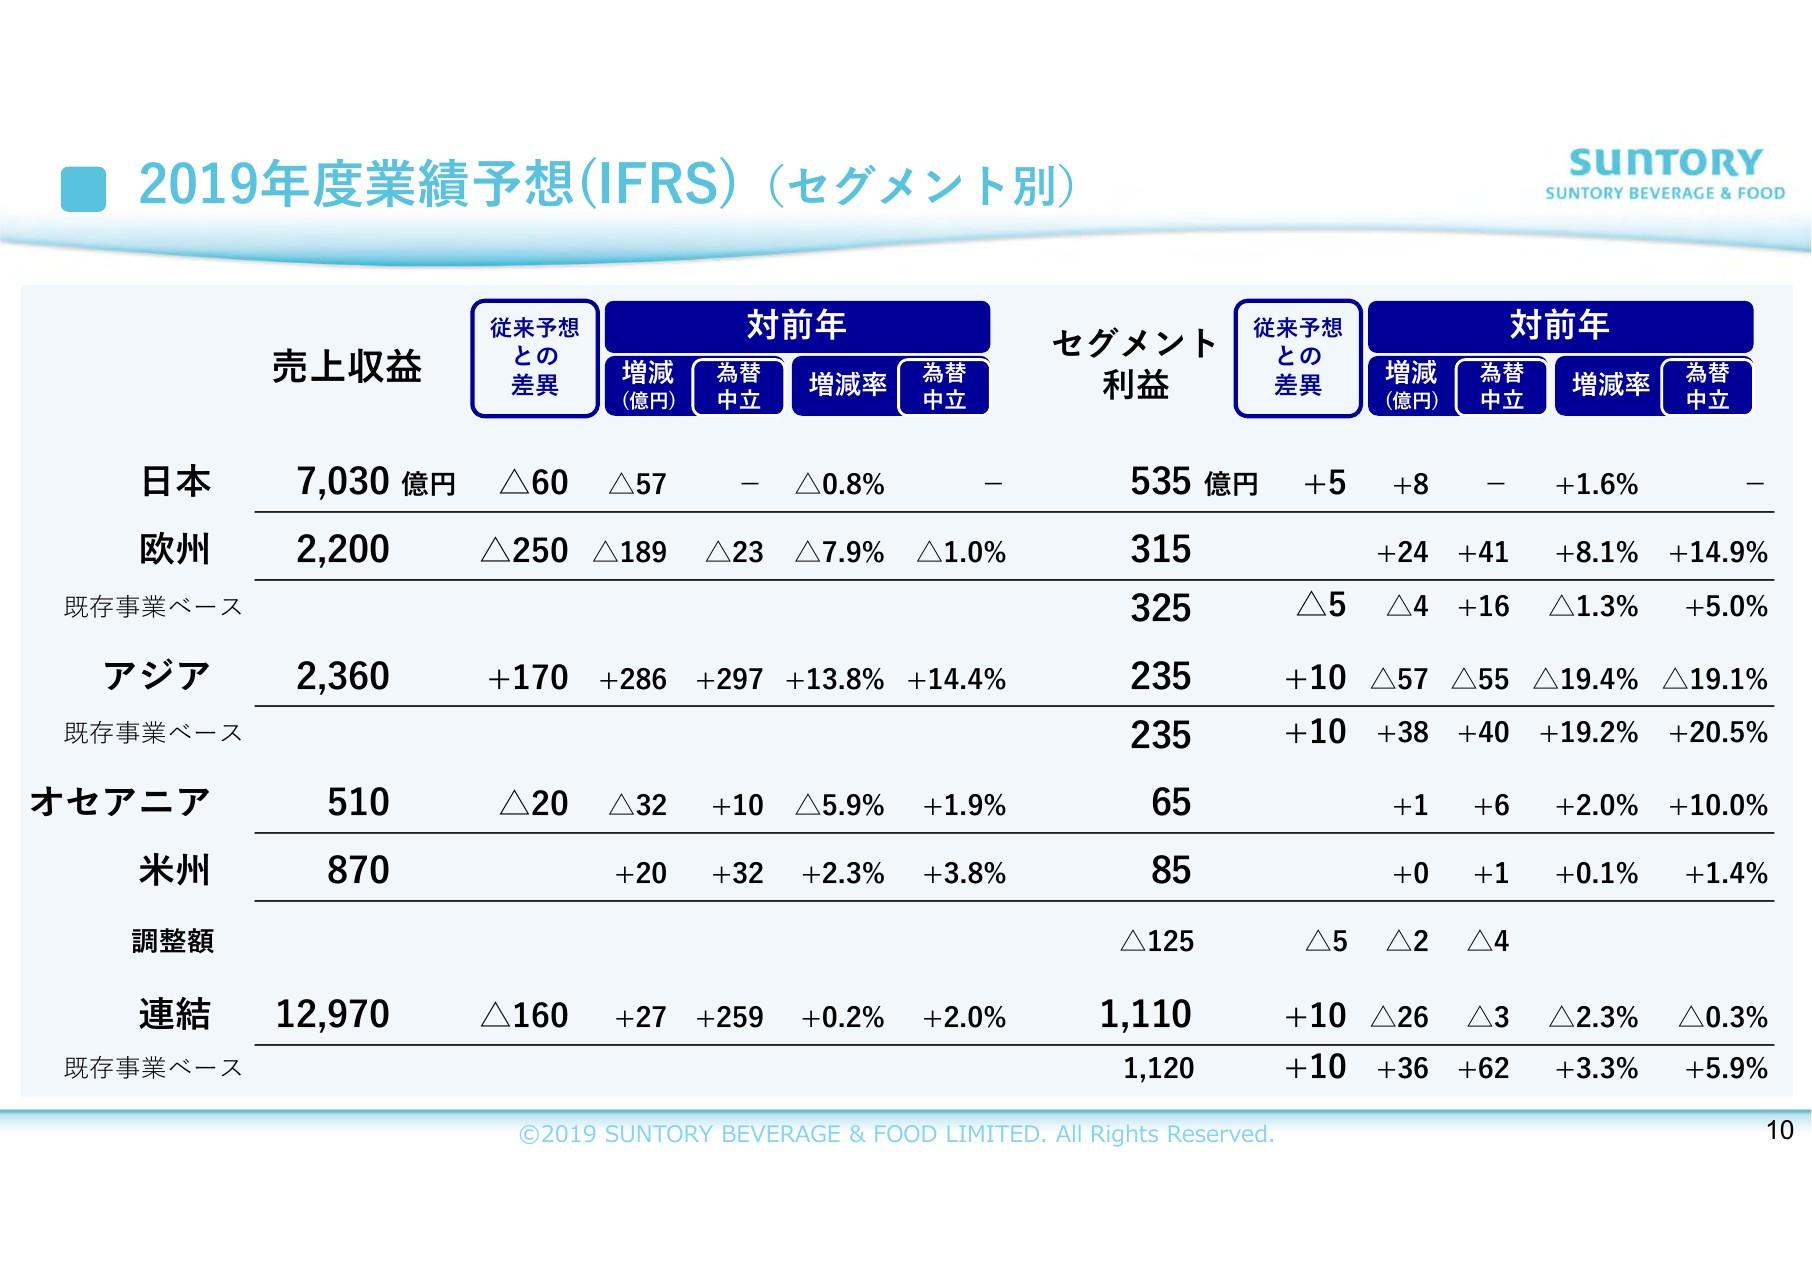 サントリー食品インターナショナル、3Qは増収減益 日本など一部地域での悪天候が影響